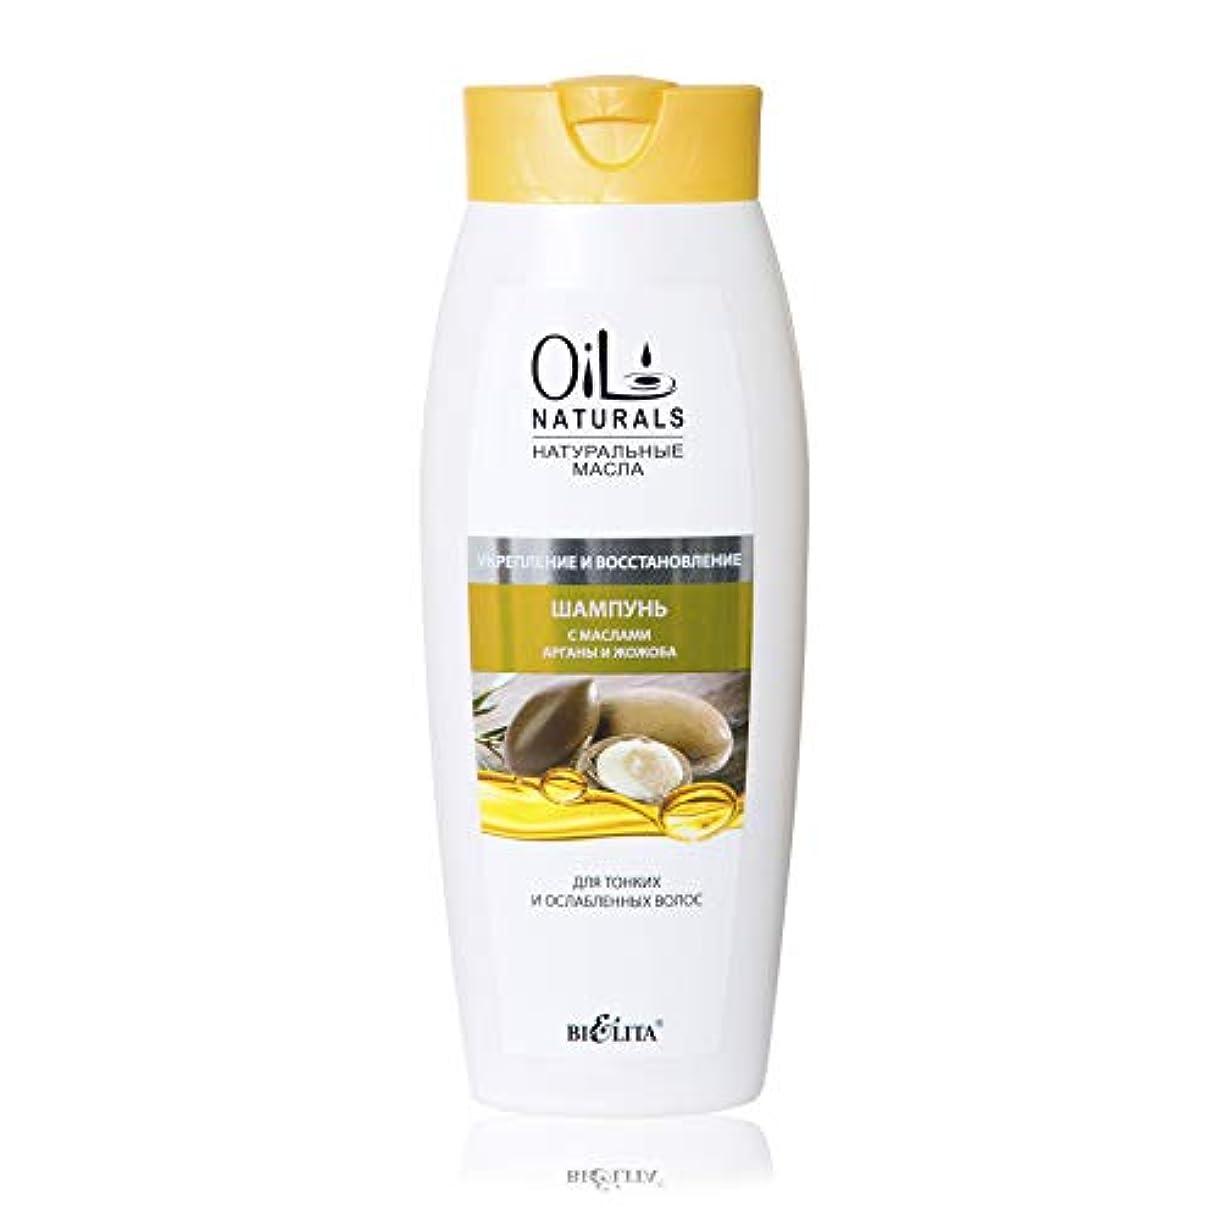 ミリメーター時々時々面倒Bielita & Vitex Oil Naturals Line | Strengthening & Restoring Shampoo for Thin Hair, 430 ml | Argan Oil, Silk...